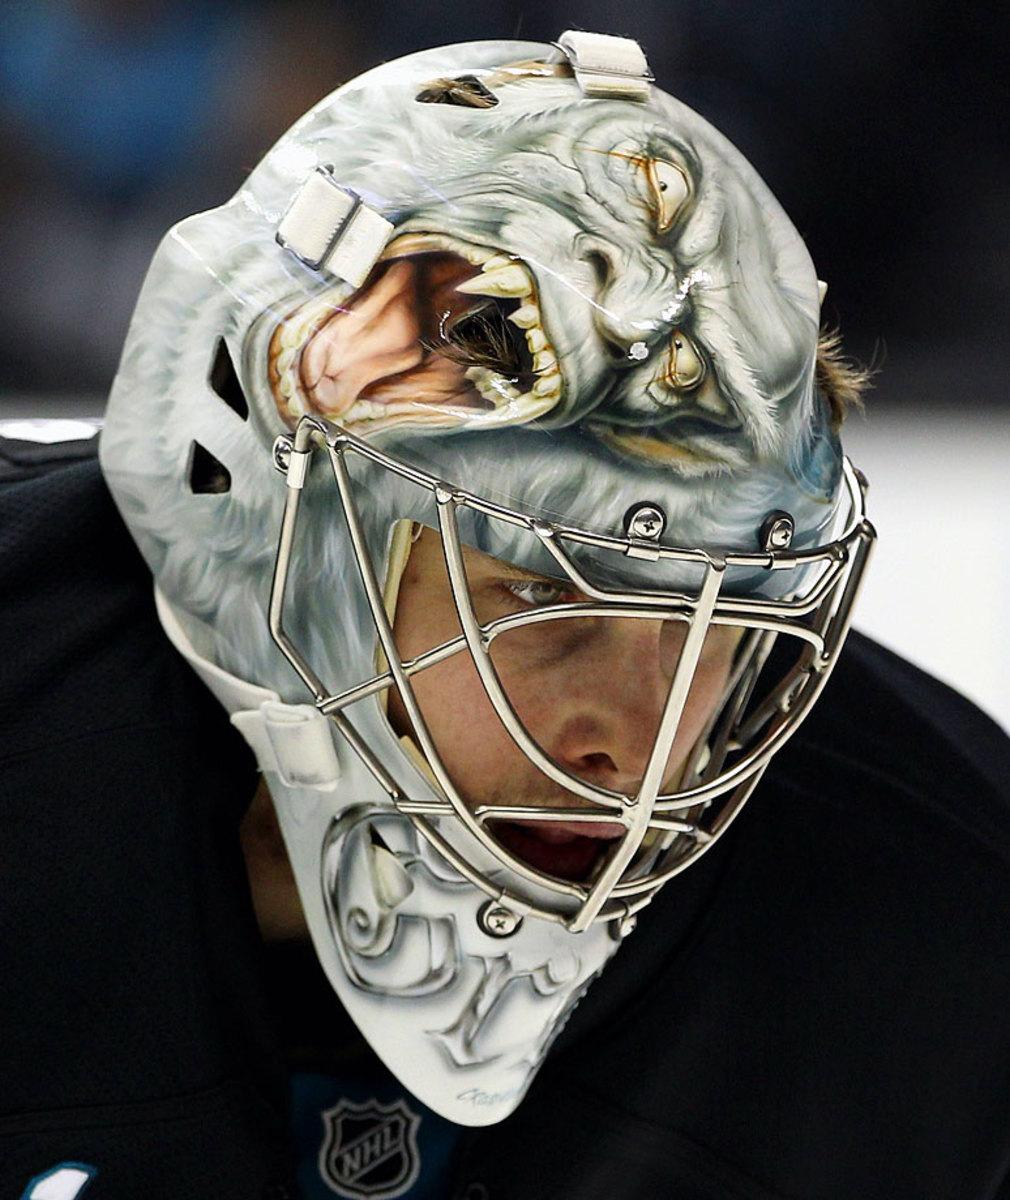 2011-12-Thomas-Greiss-goalie-mask.jpg